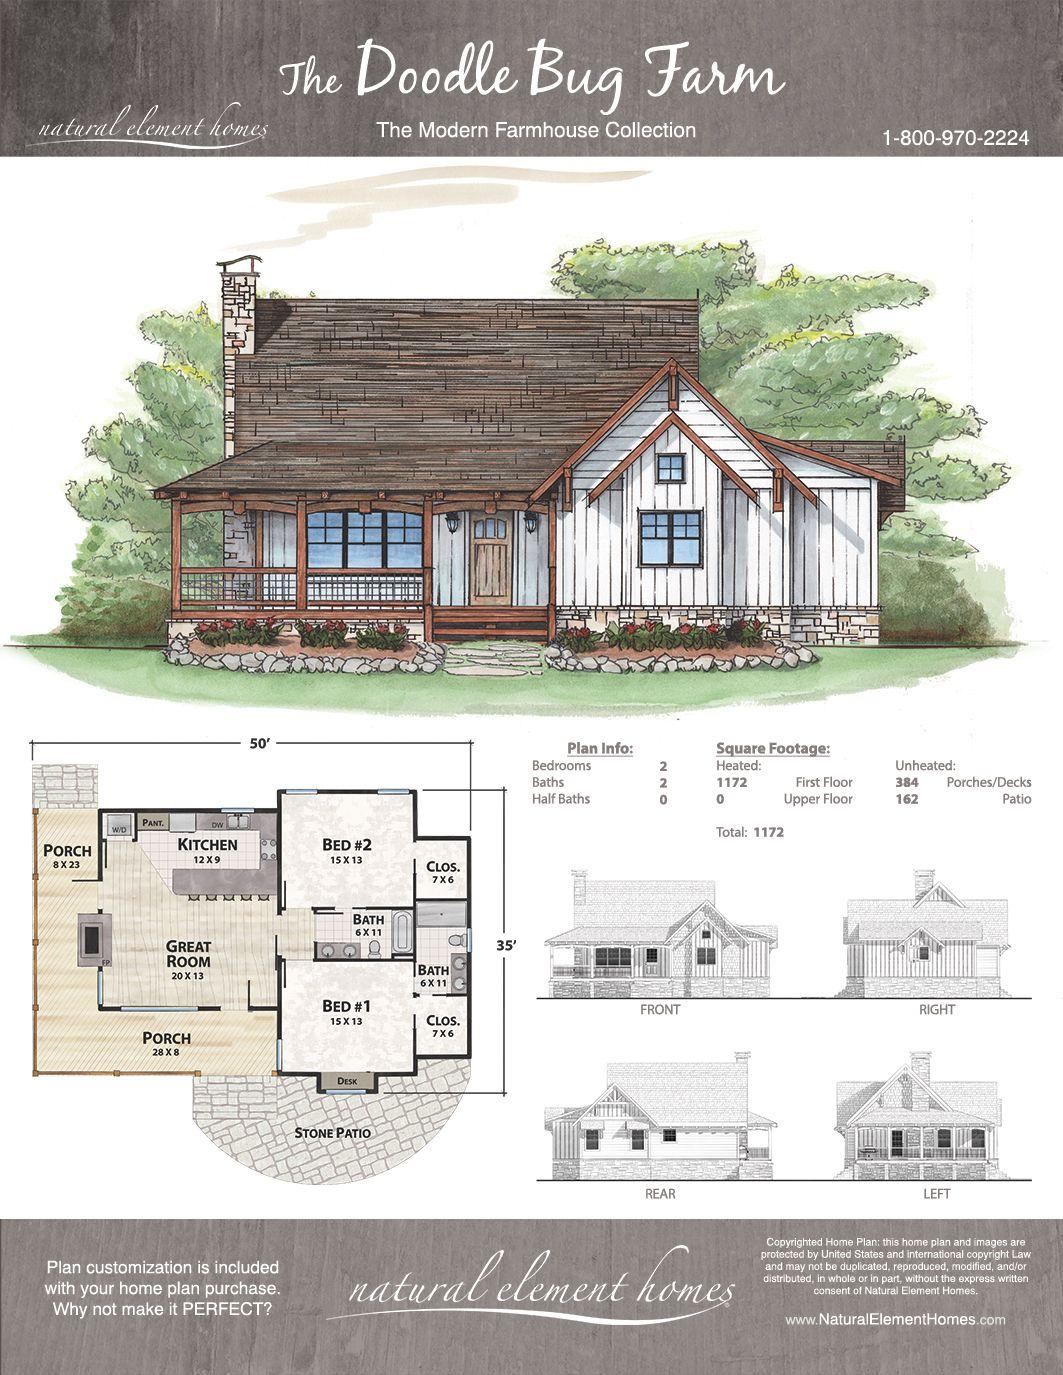 Doodle Bug Farm Natural Element Homes Farmhouse Sims House Plans Dream House Plans Cottage Plan